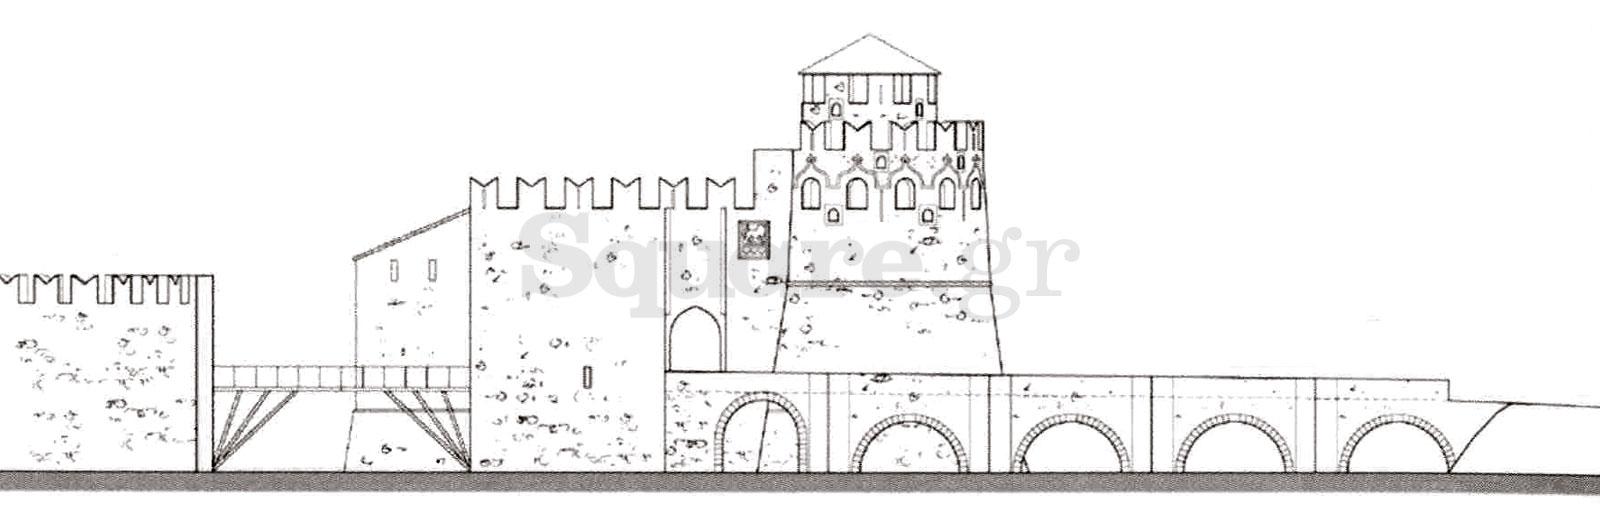 12-Εικόνα-10γ-Γέφυρα-Ευρίπου-Αναπαράσταση-1462-Βόρεια-όψη